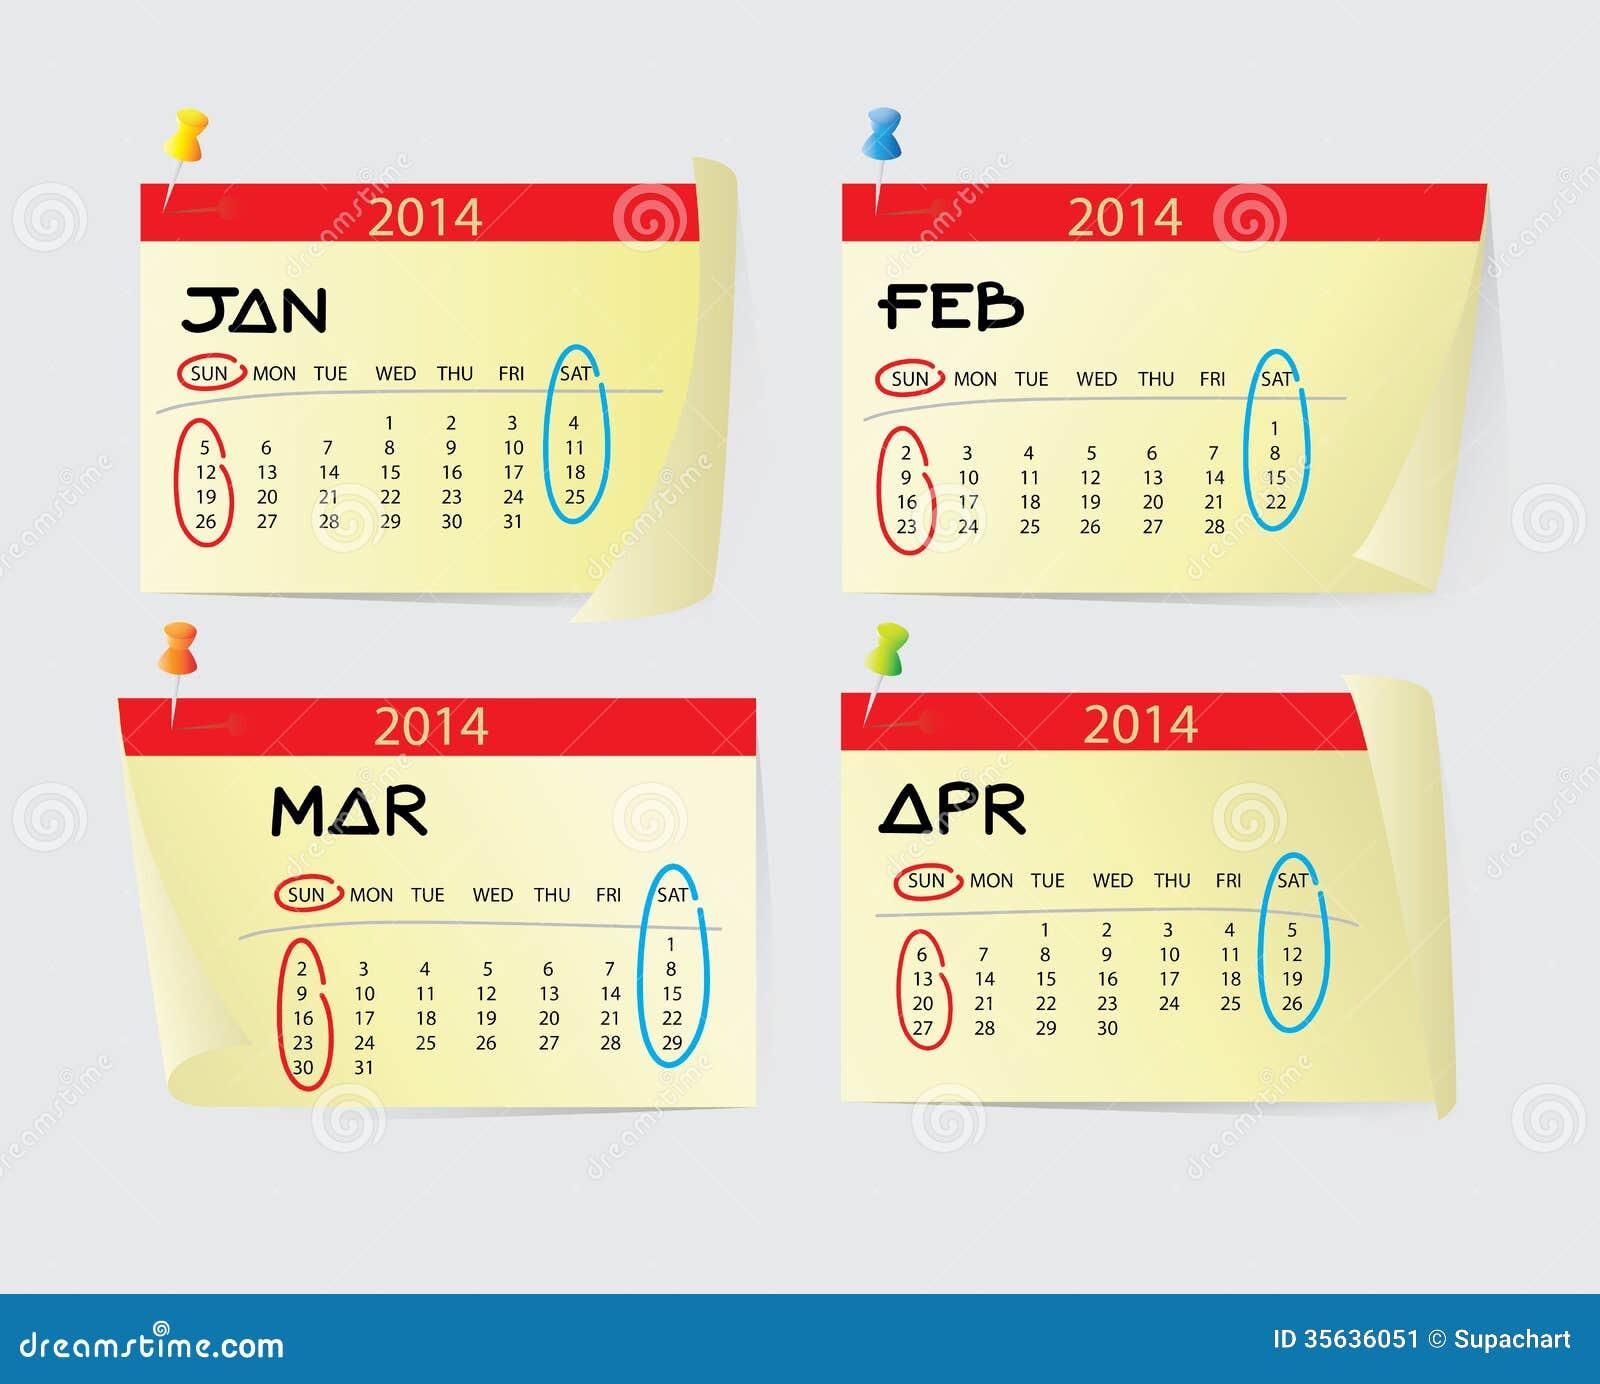 Calendar January April : January to april calendar stock image